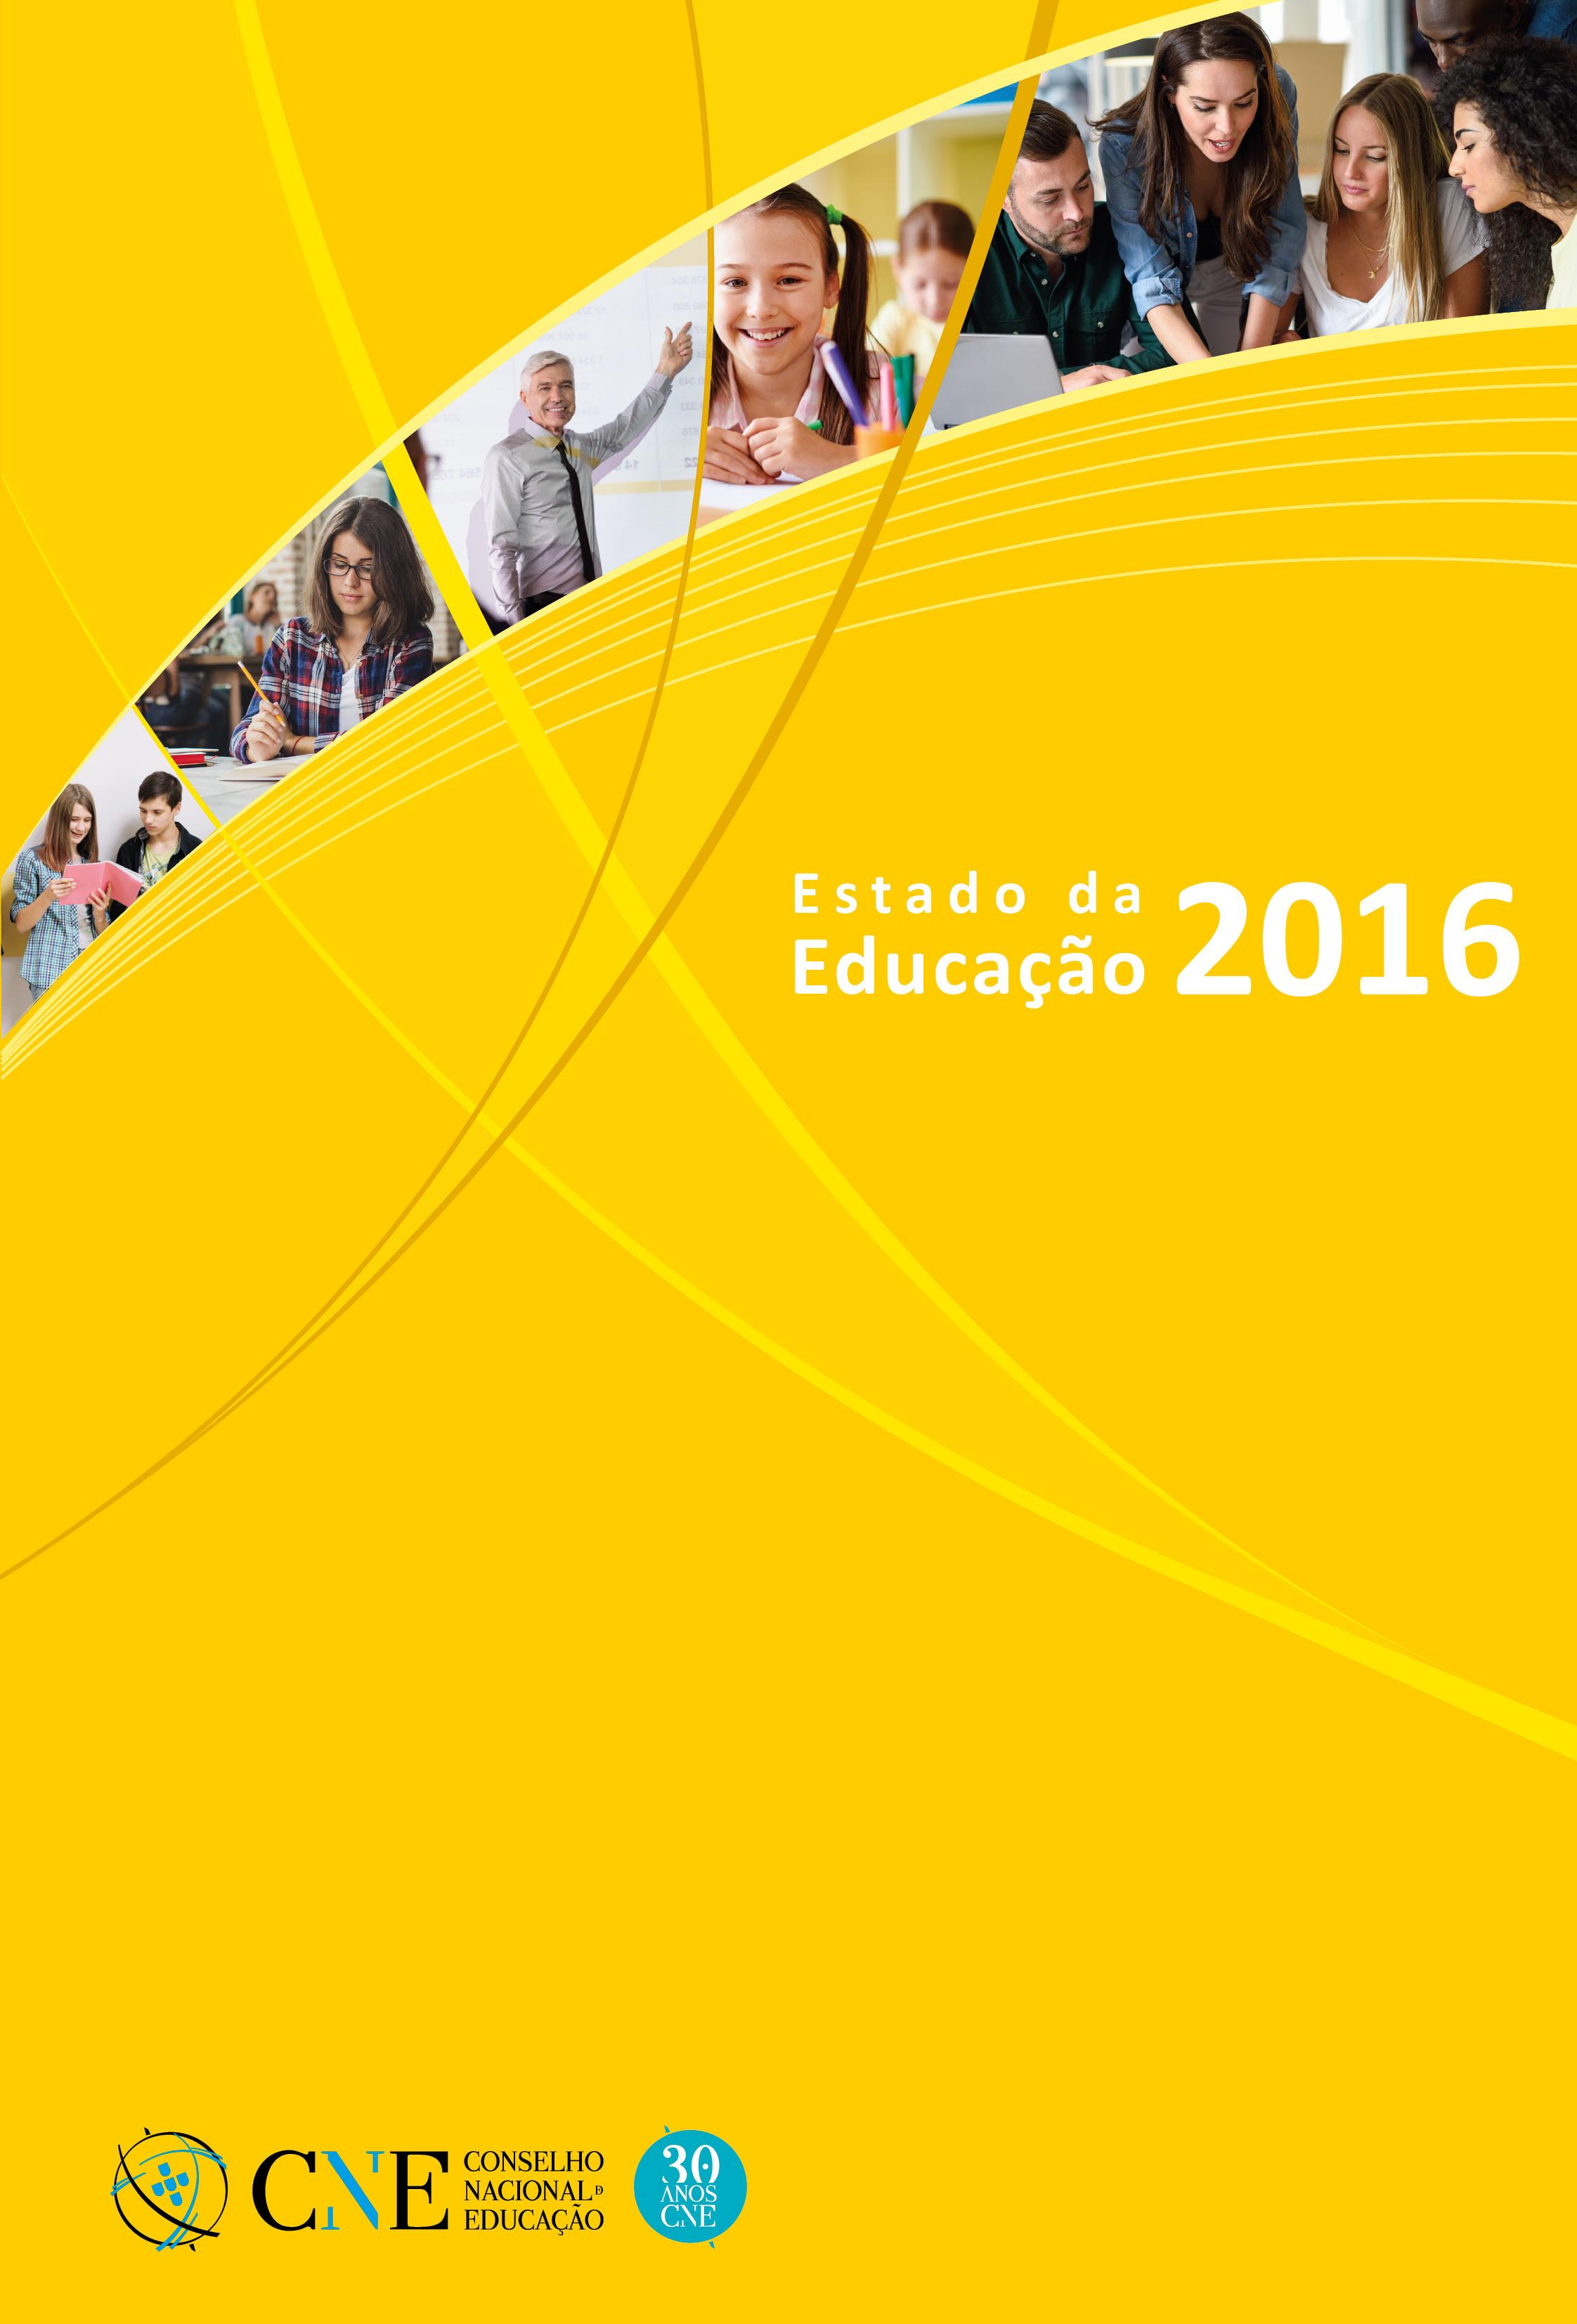 Estado da Educação 2016